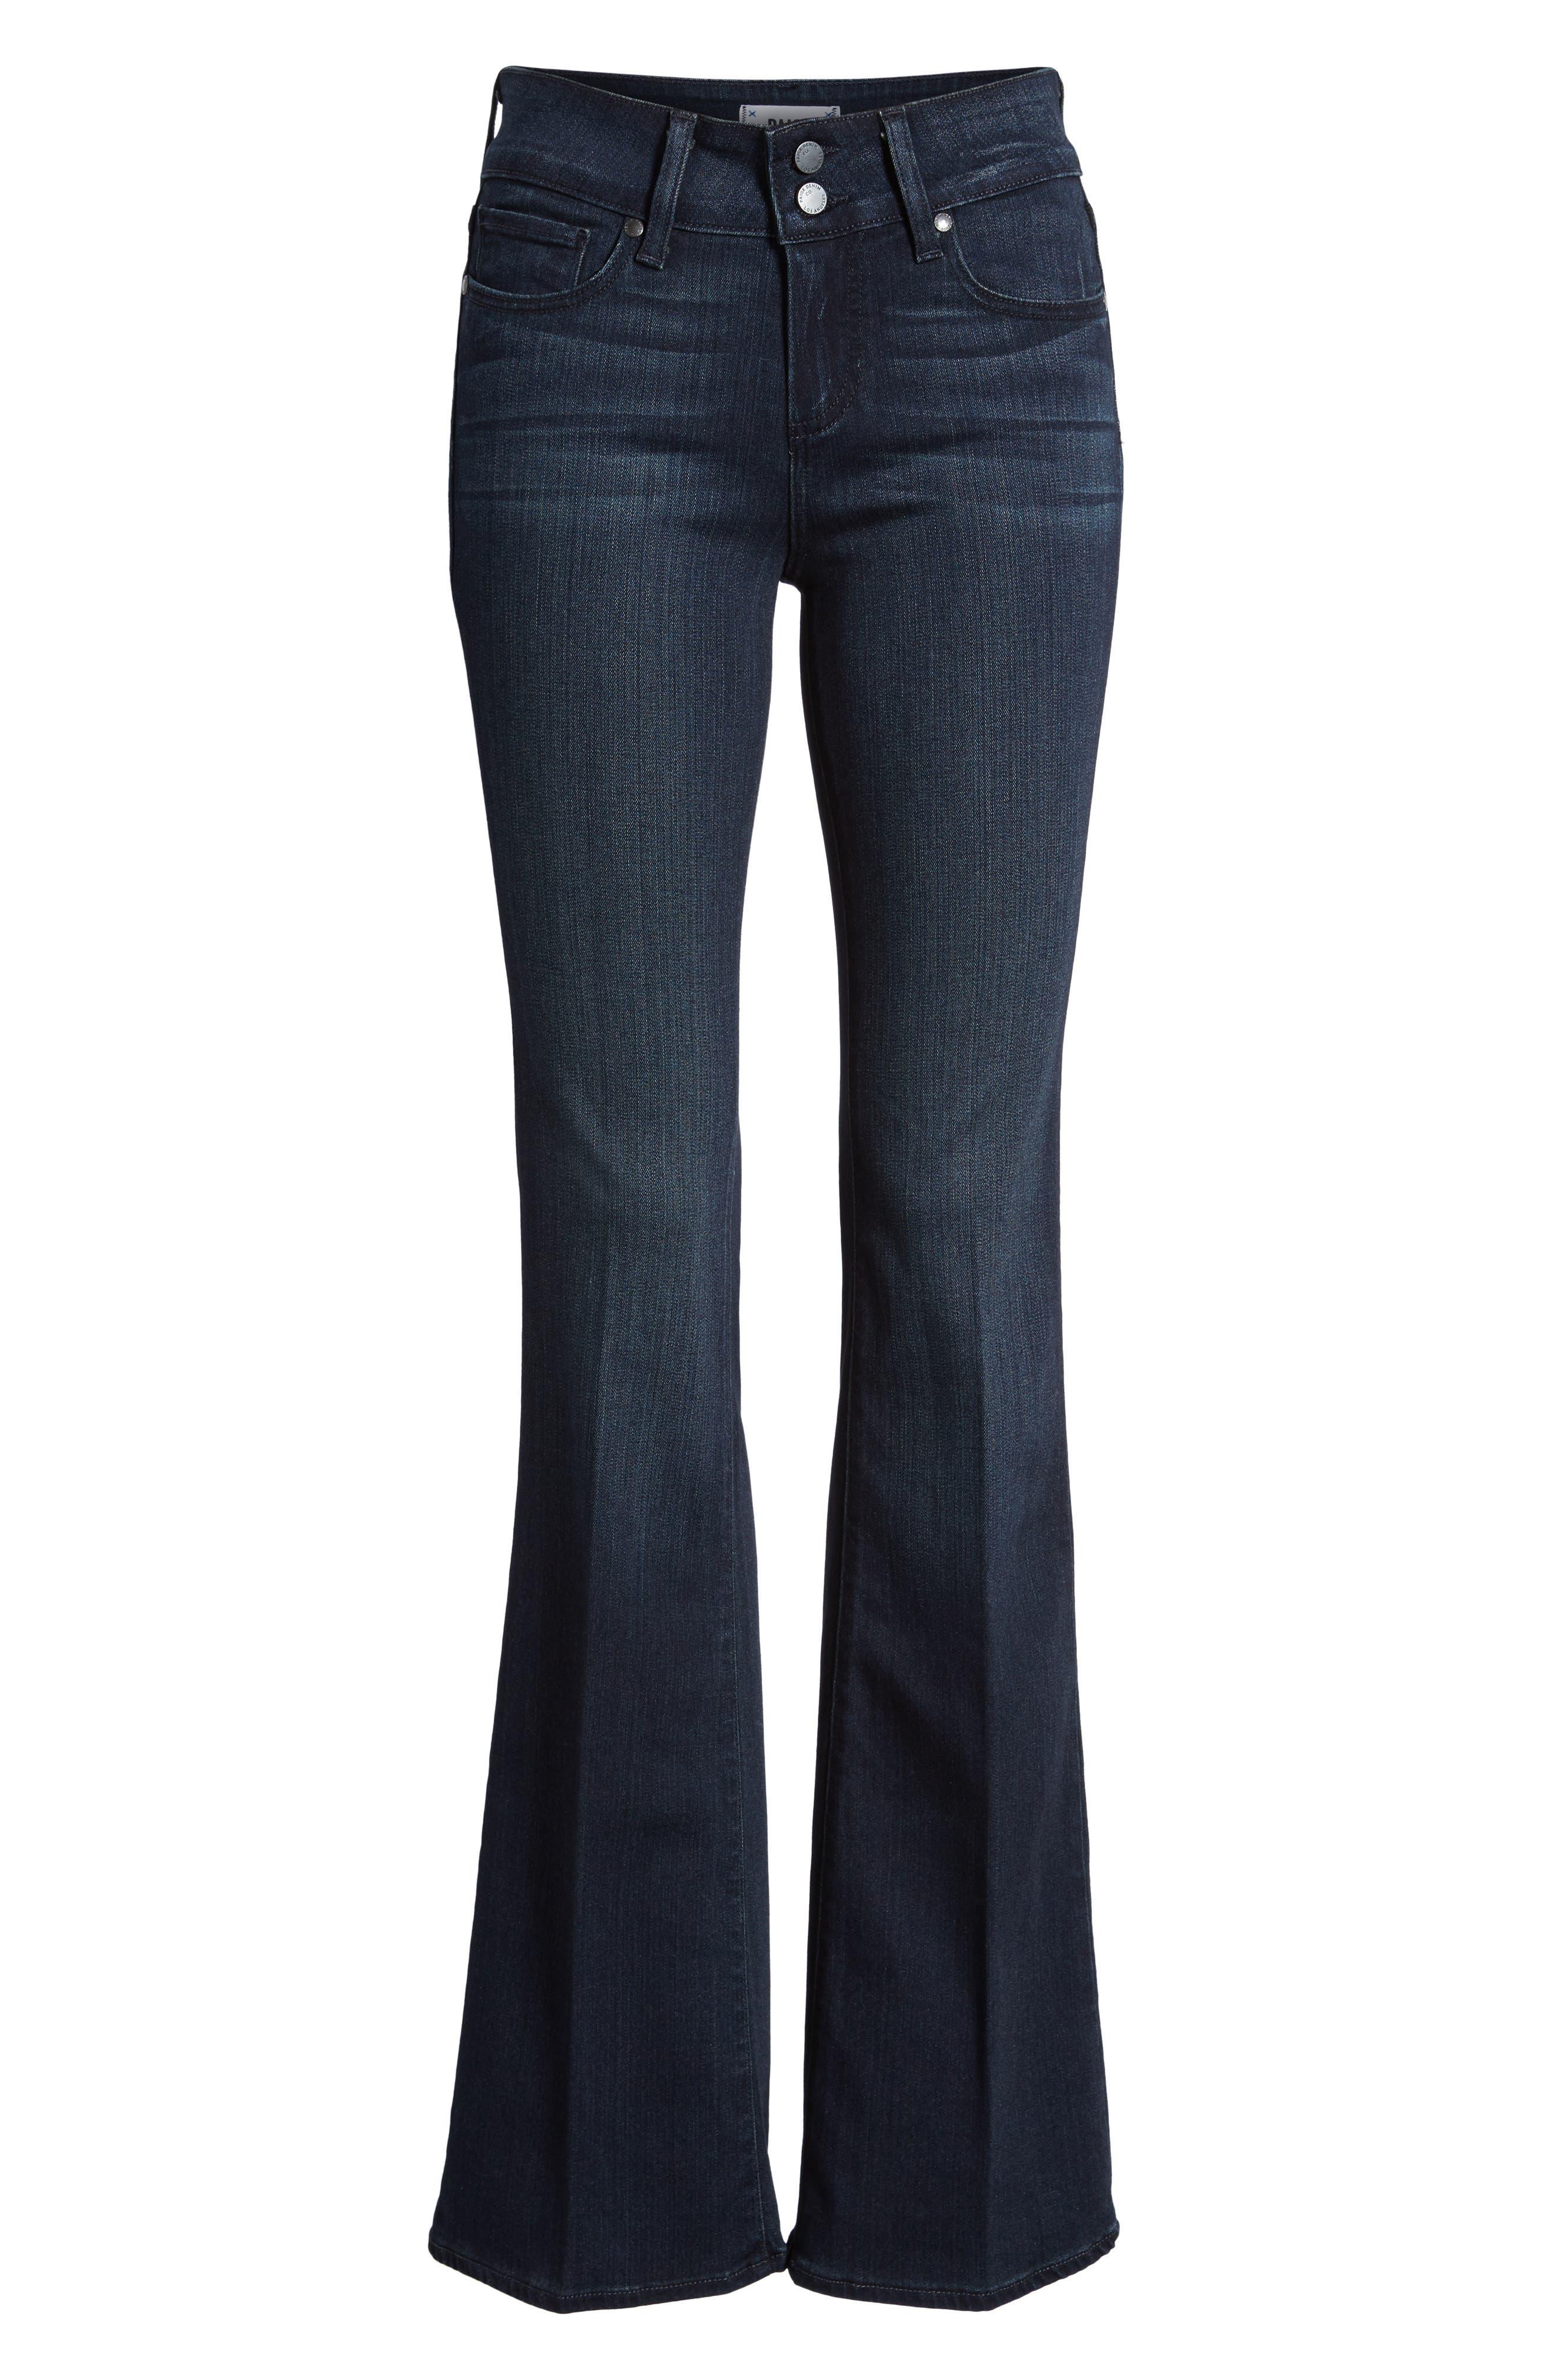 Transcend - Hidden Hills High Waist Bootcut Jeans,                             Alternate thumbnail 3, color,                             400